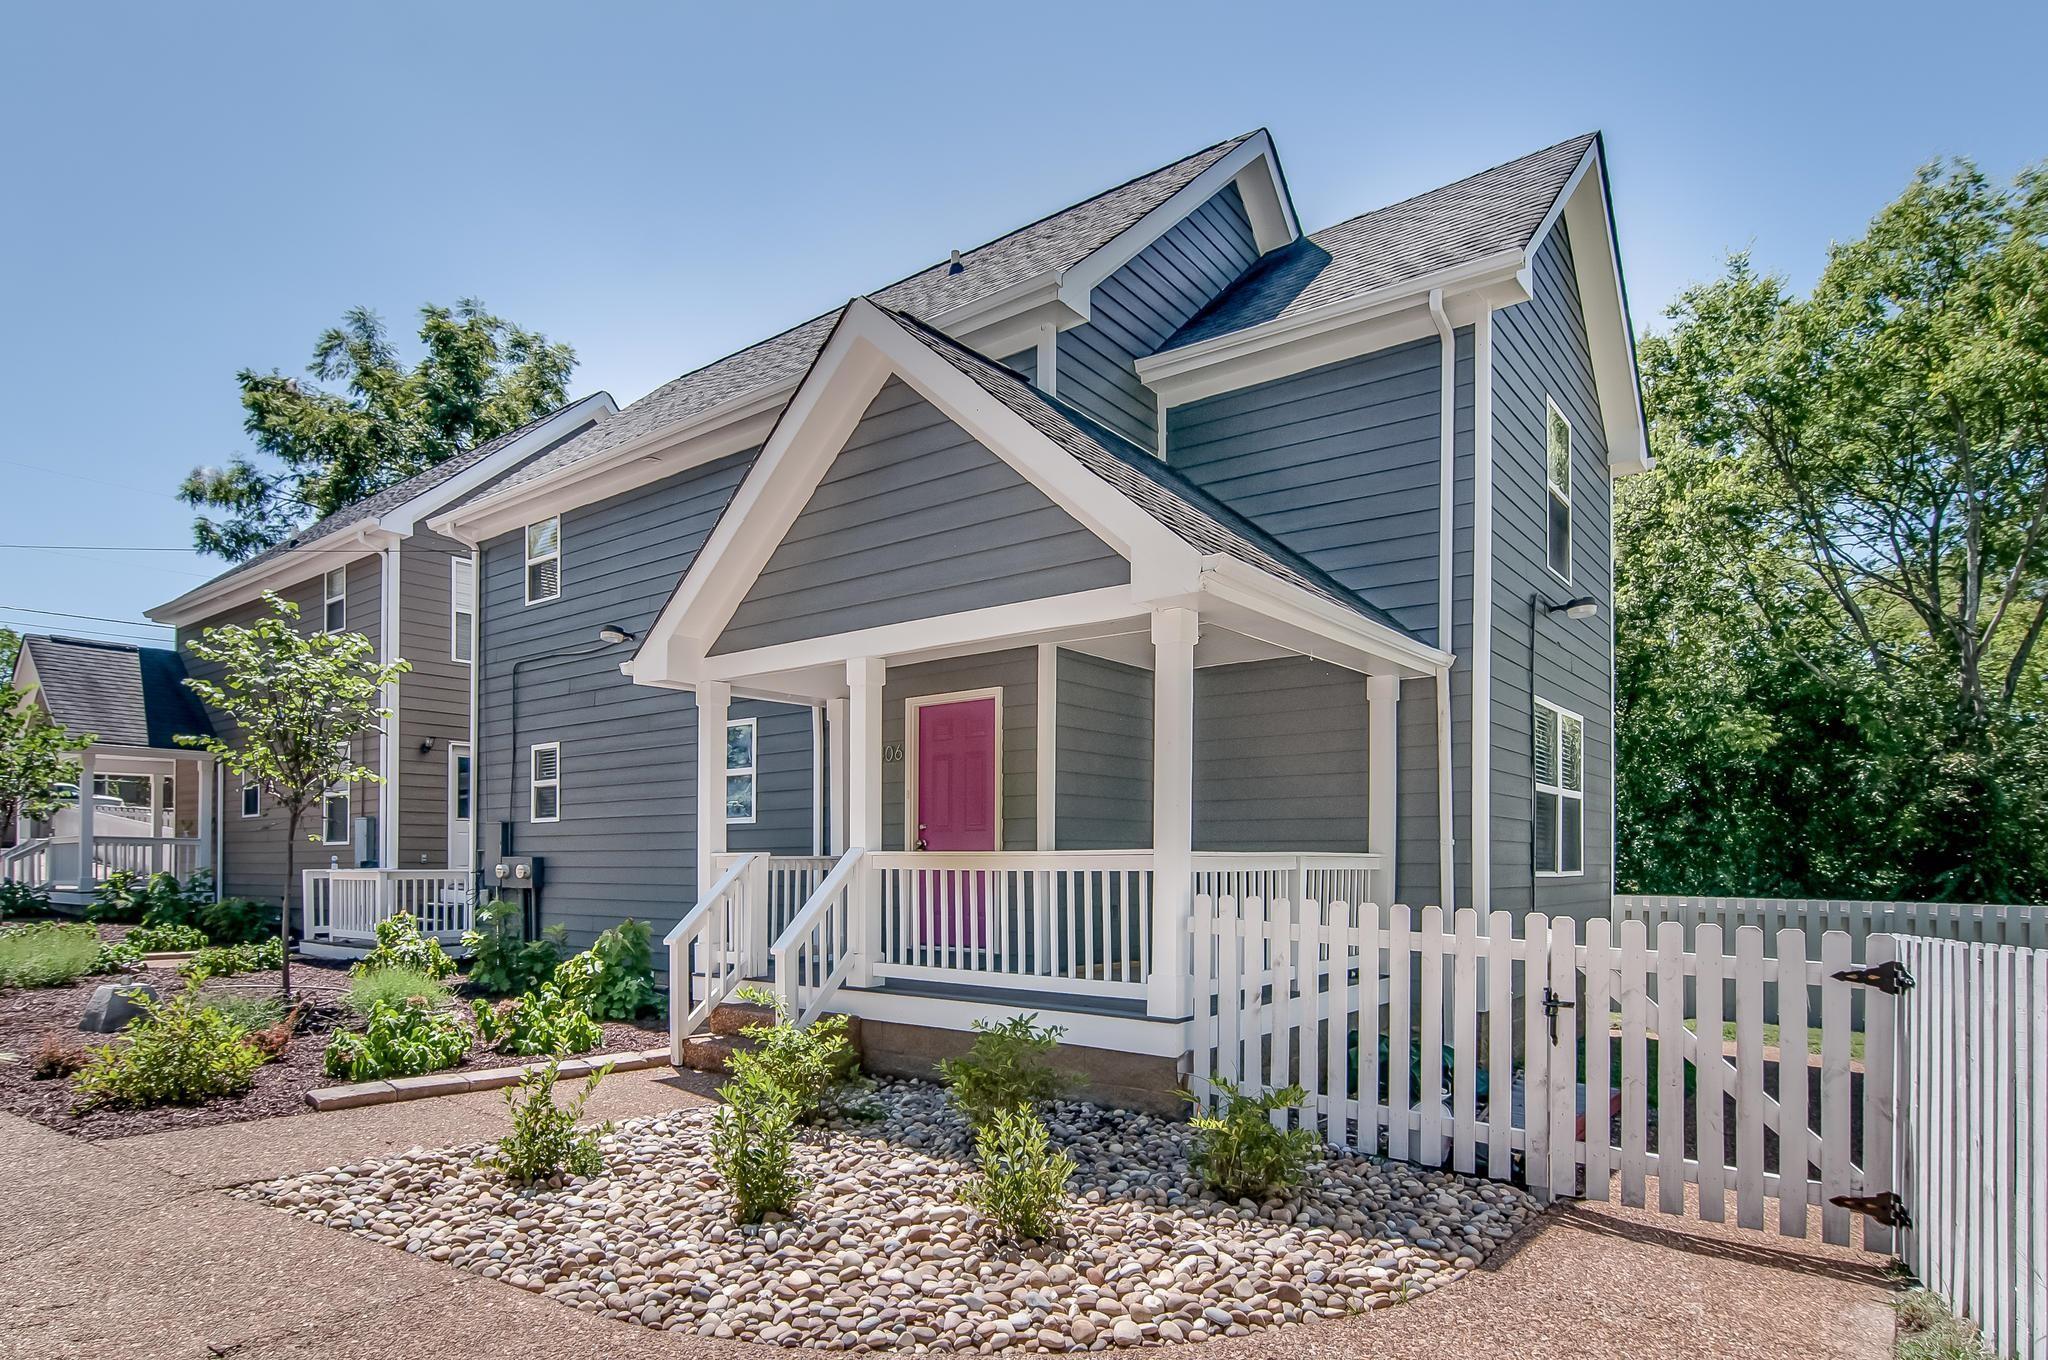 1406 Walsh St, Nashville, TN 37208 - Nashville, TN real estate listing